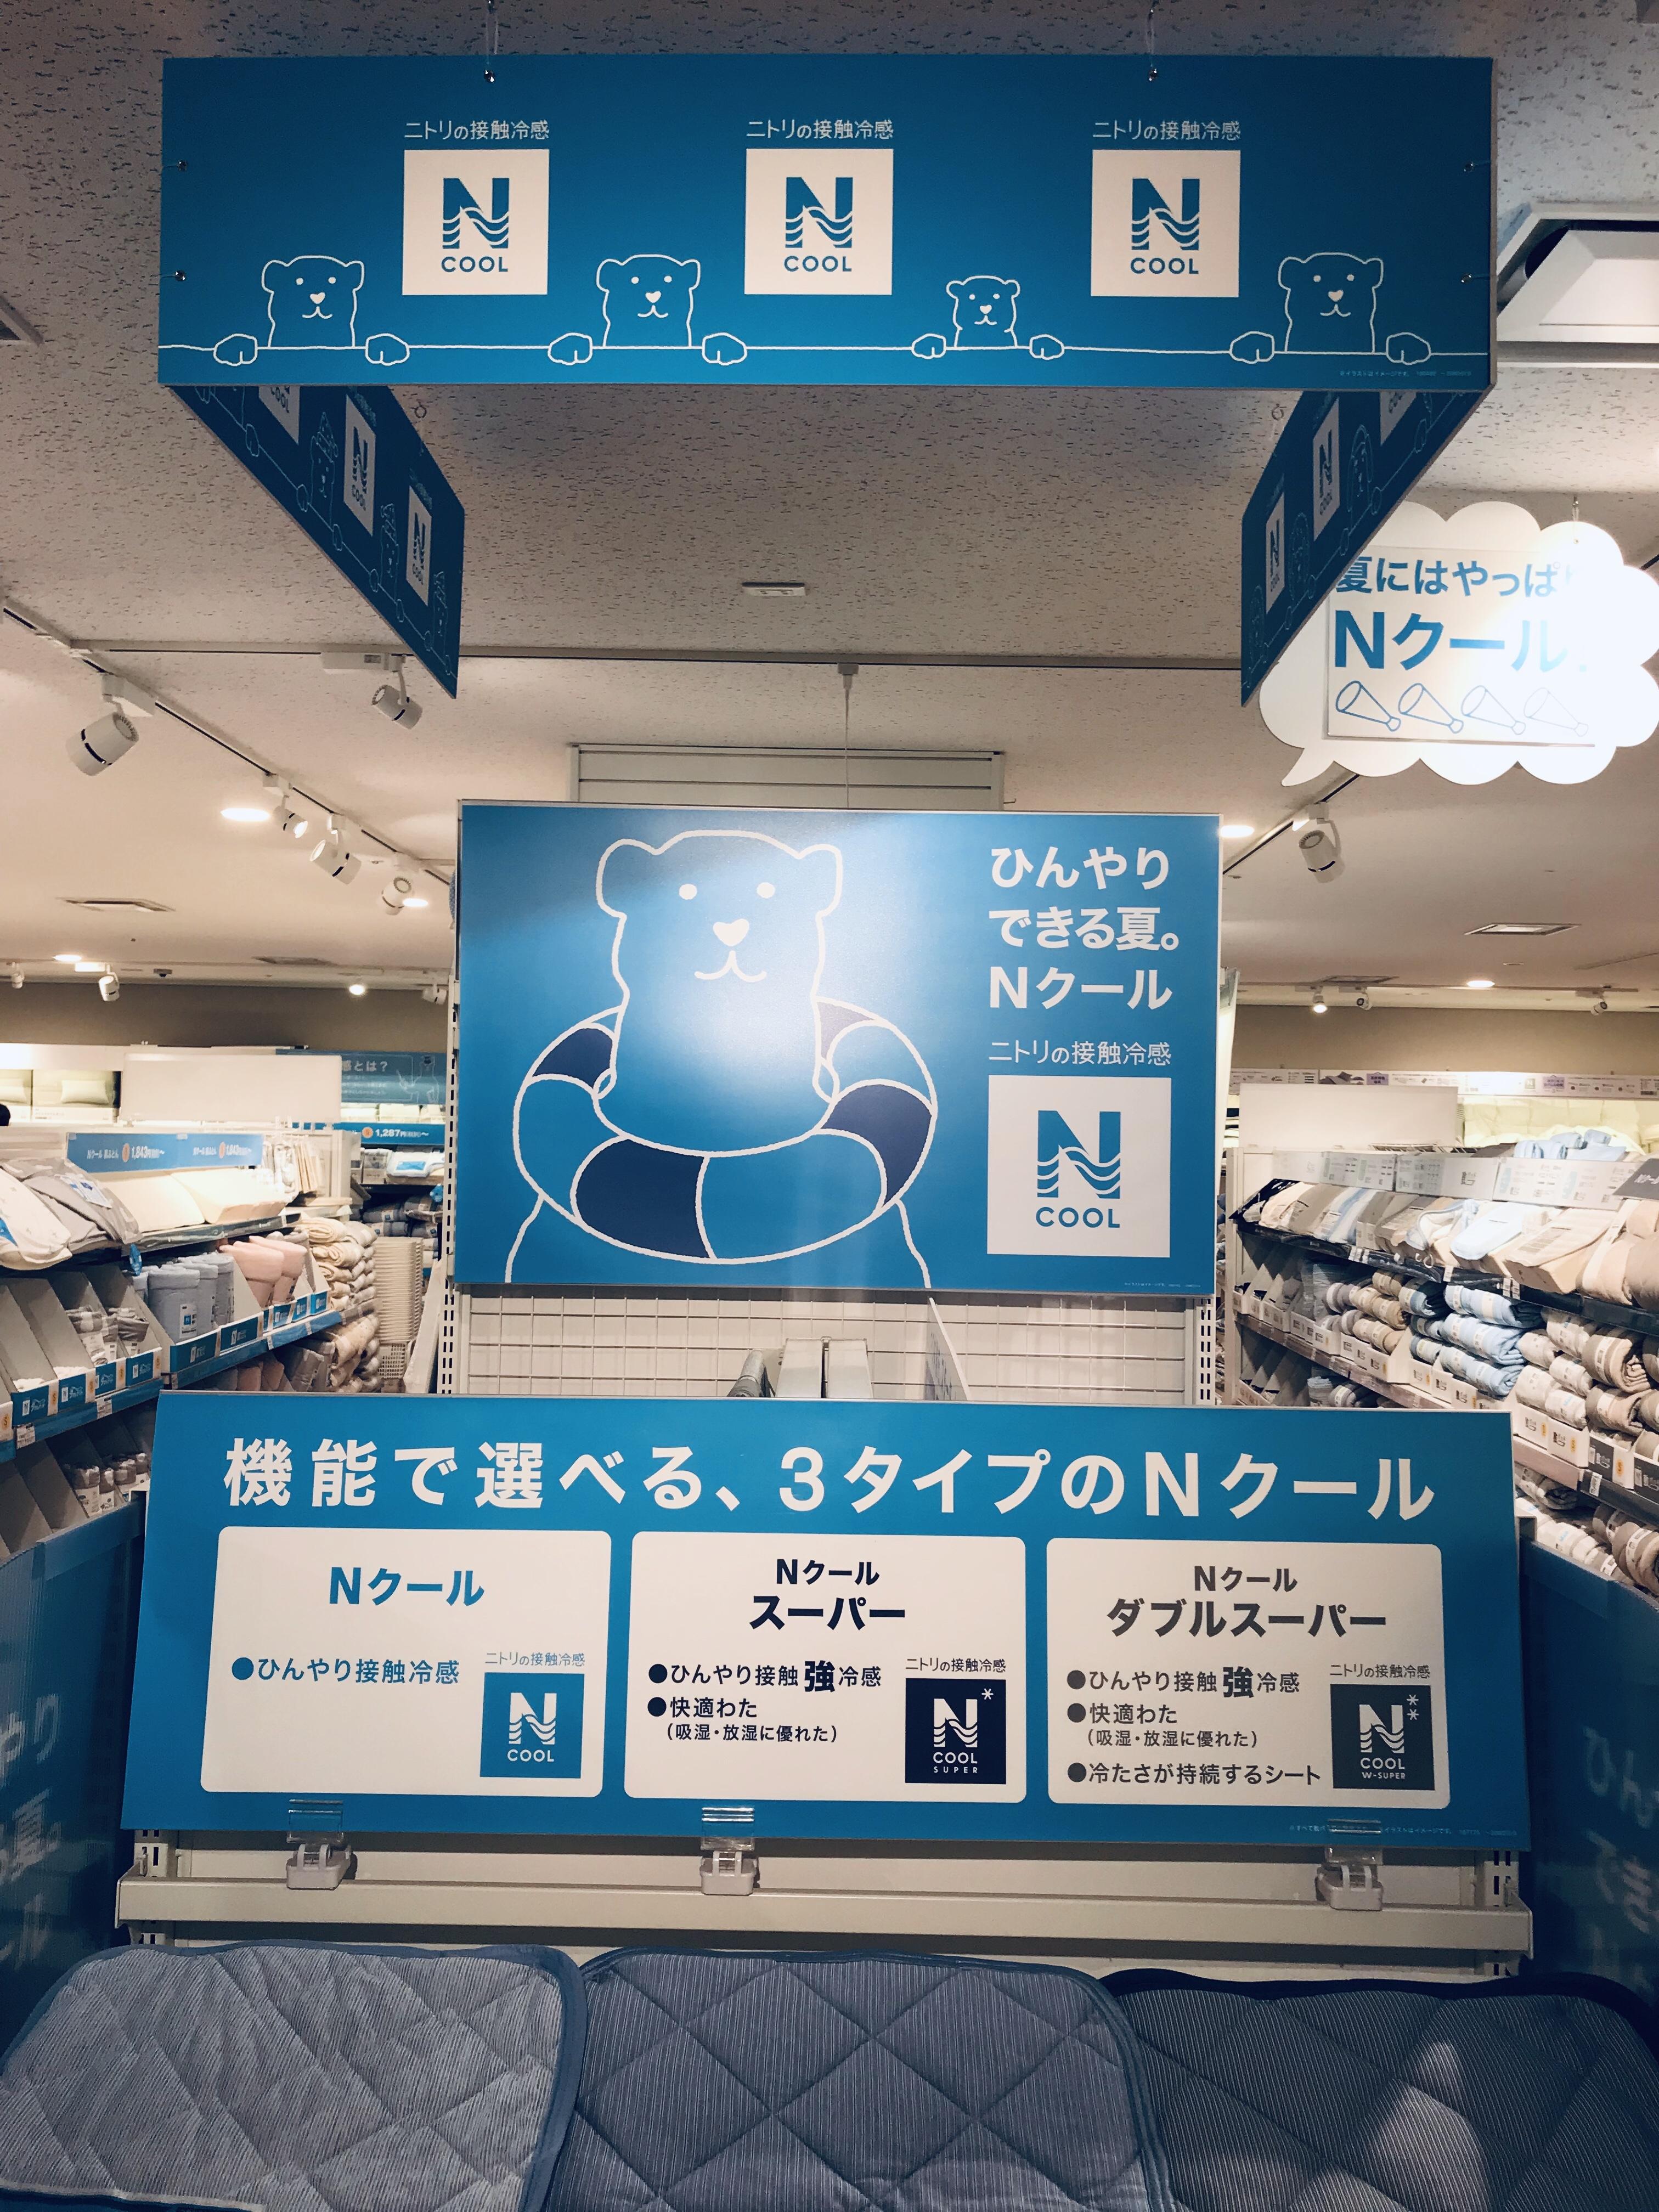 ニトリ Nクール シリーズの触媒冷感 の売り場のまぎらわらしさは、なぜ?解決されないのか? 11